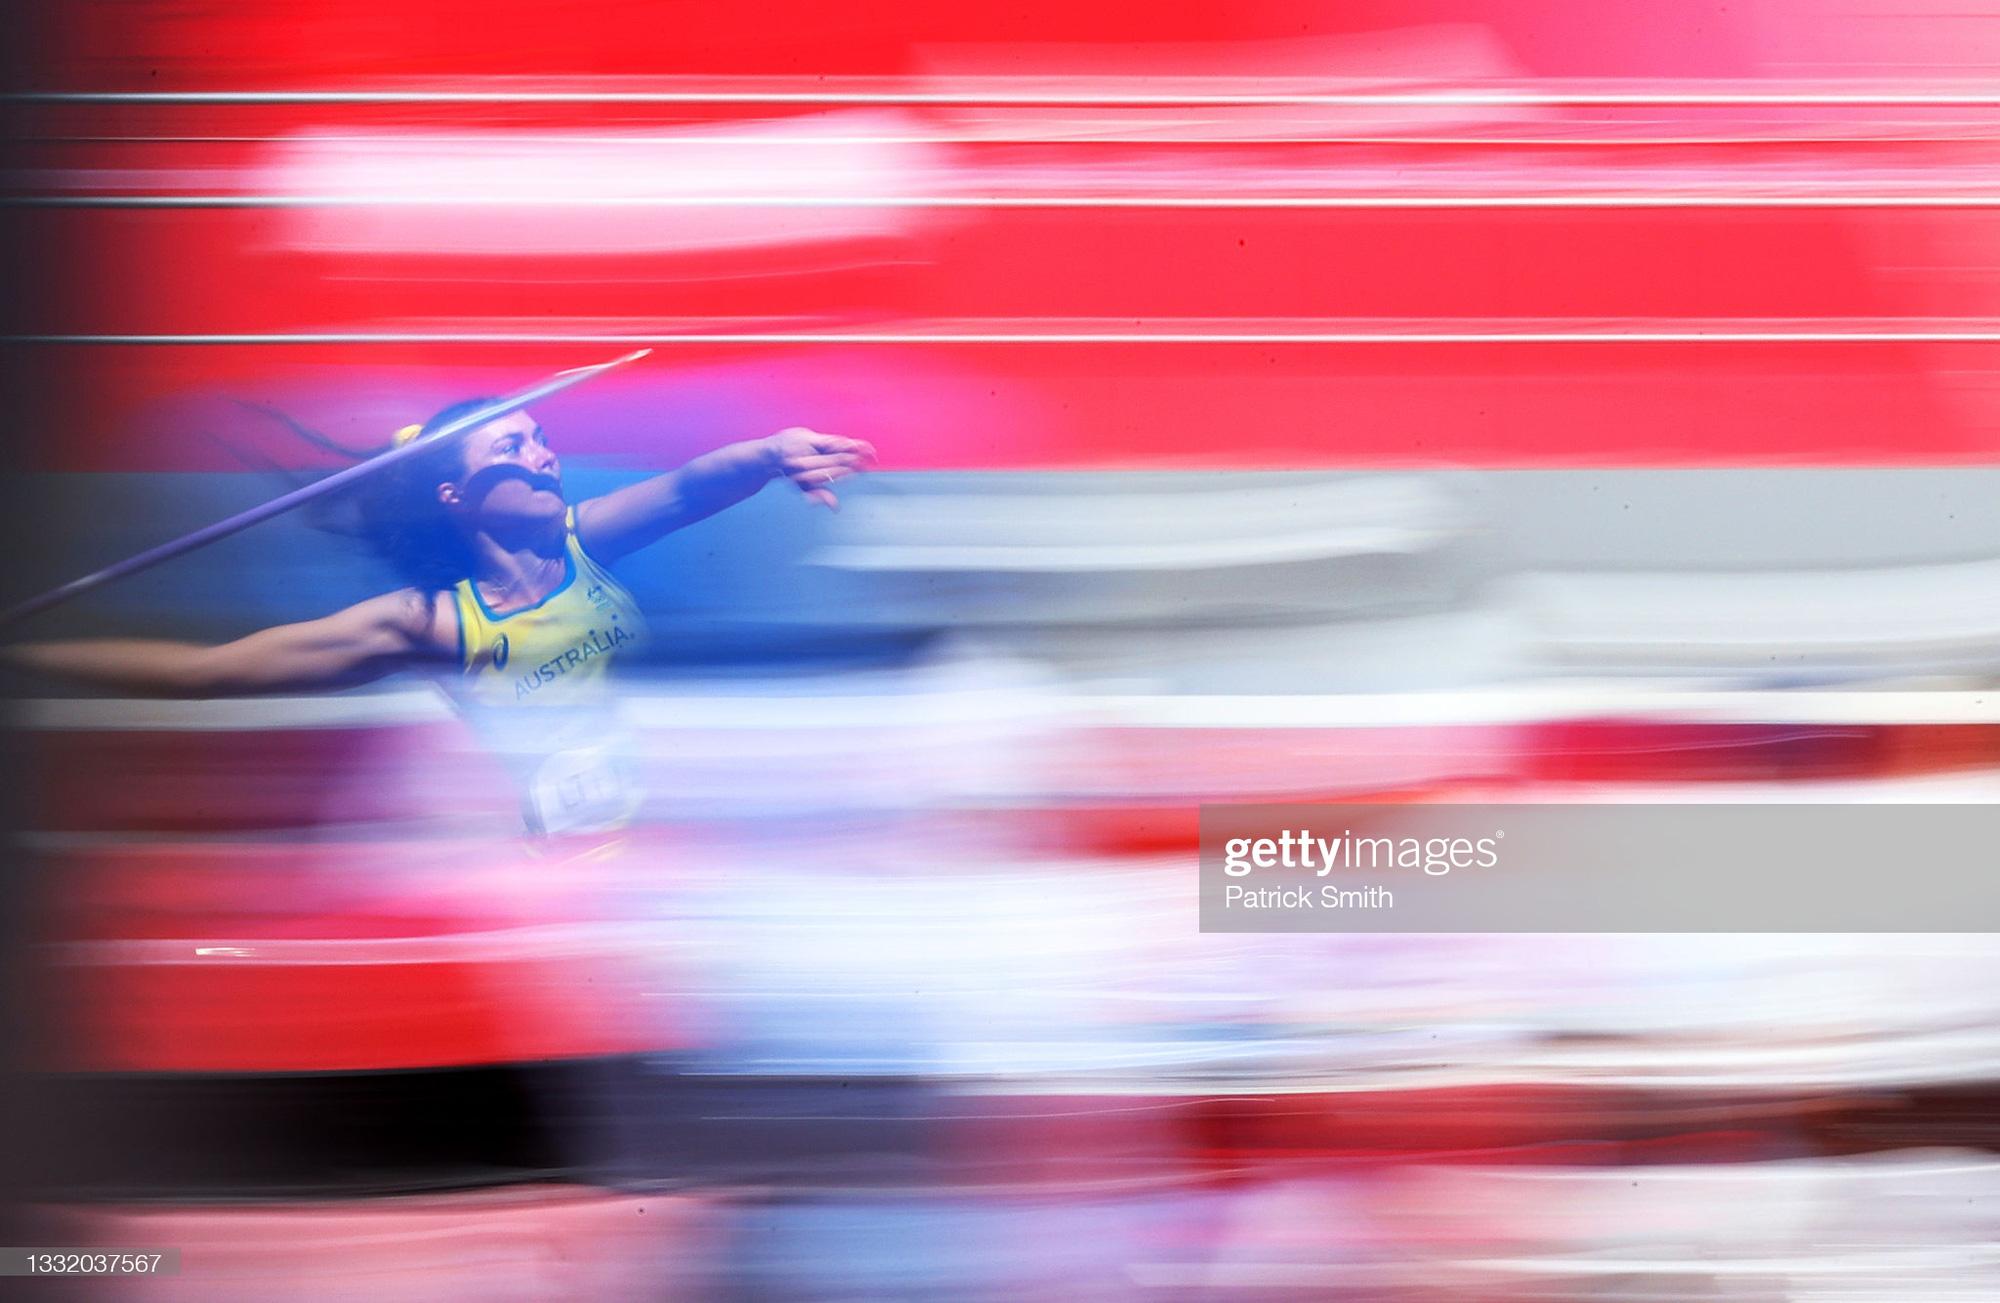 Những góc ảnh đẹp ngỡ ngàng ở Olympic Tokyo 2020 - Ảnh 5.